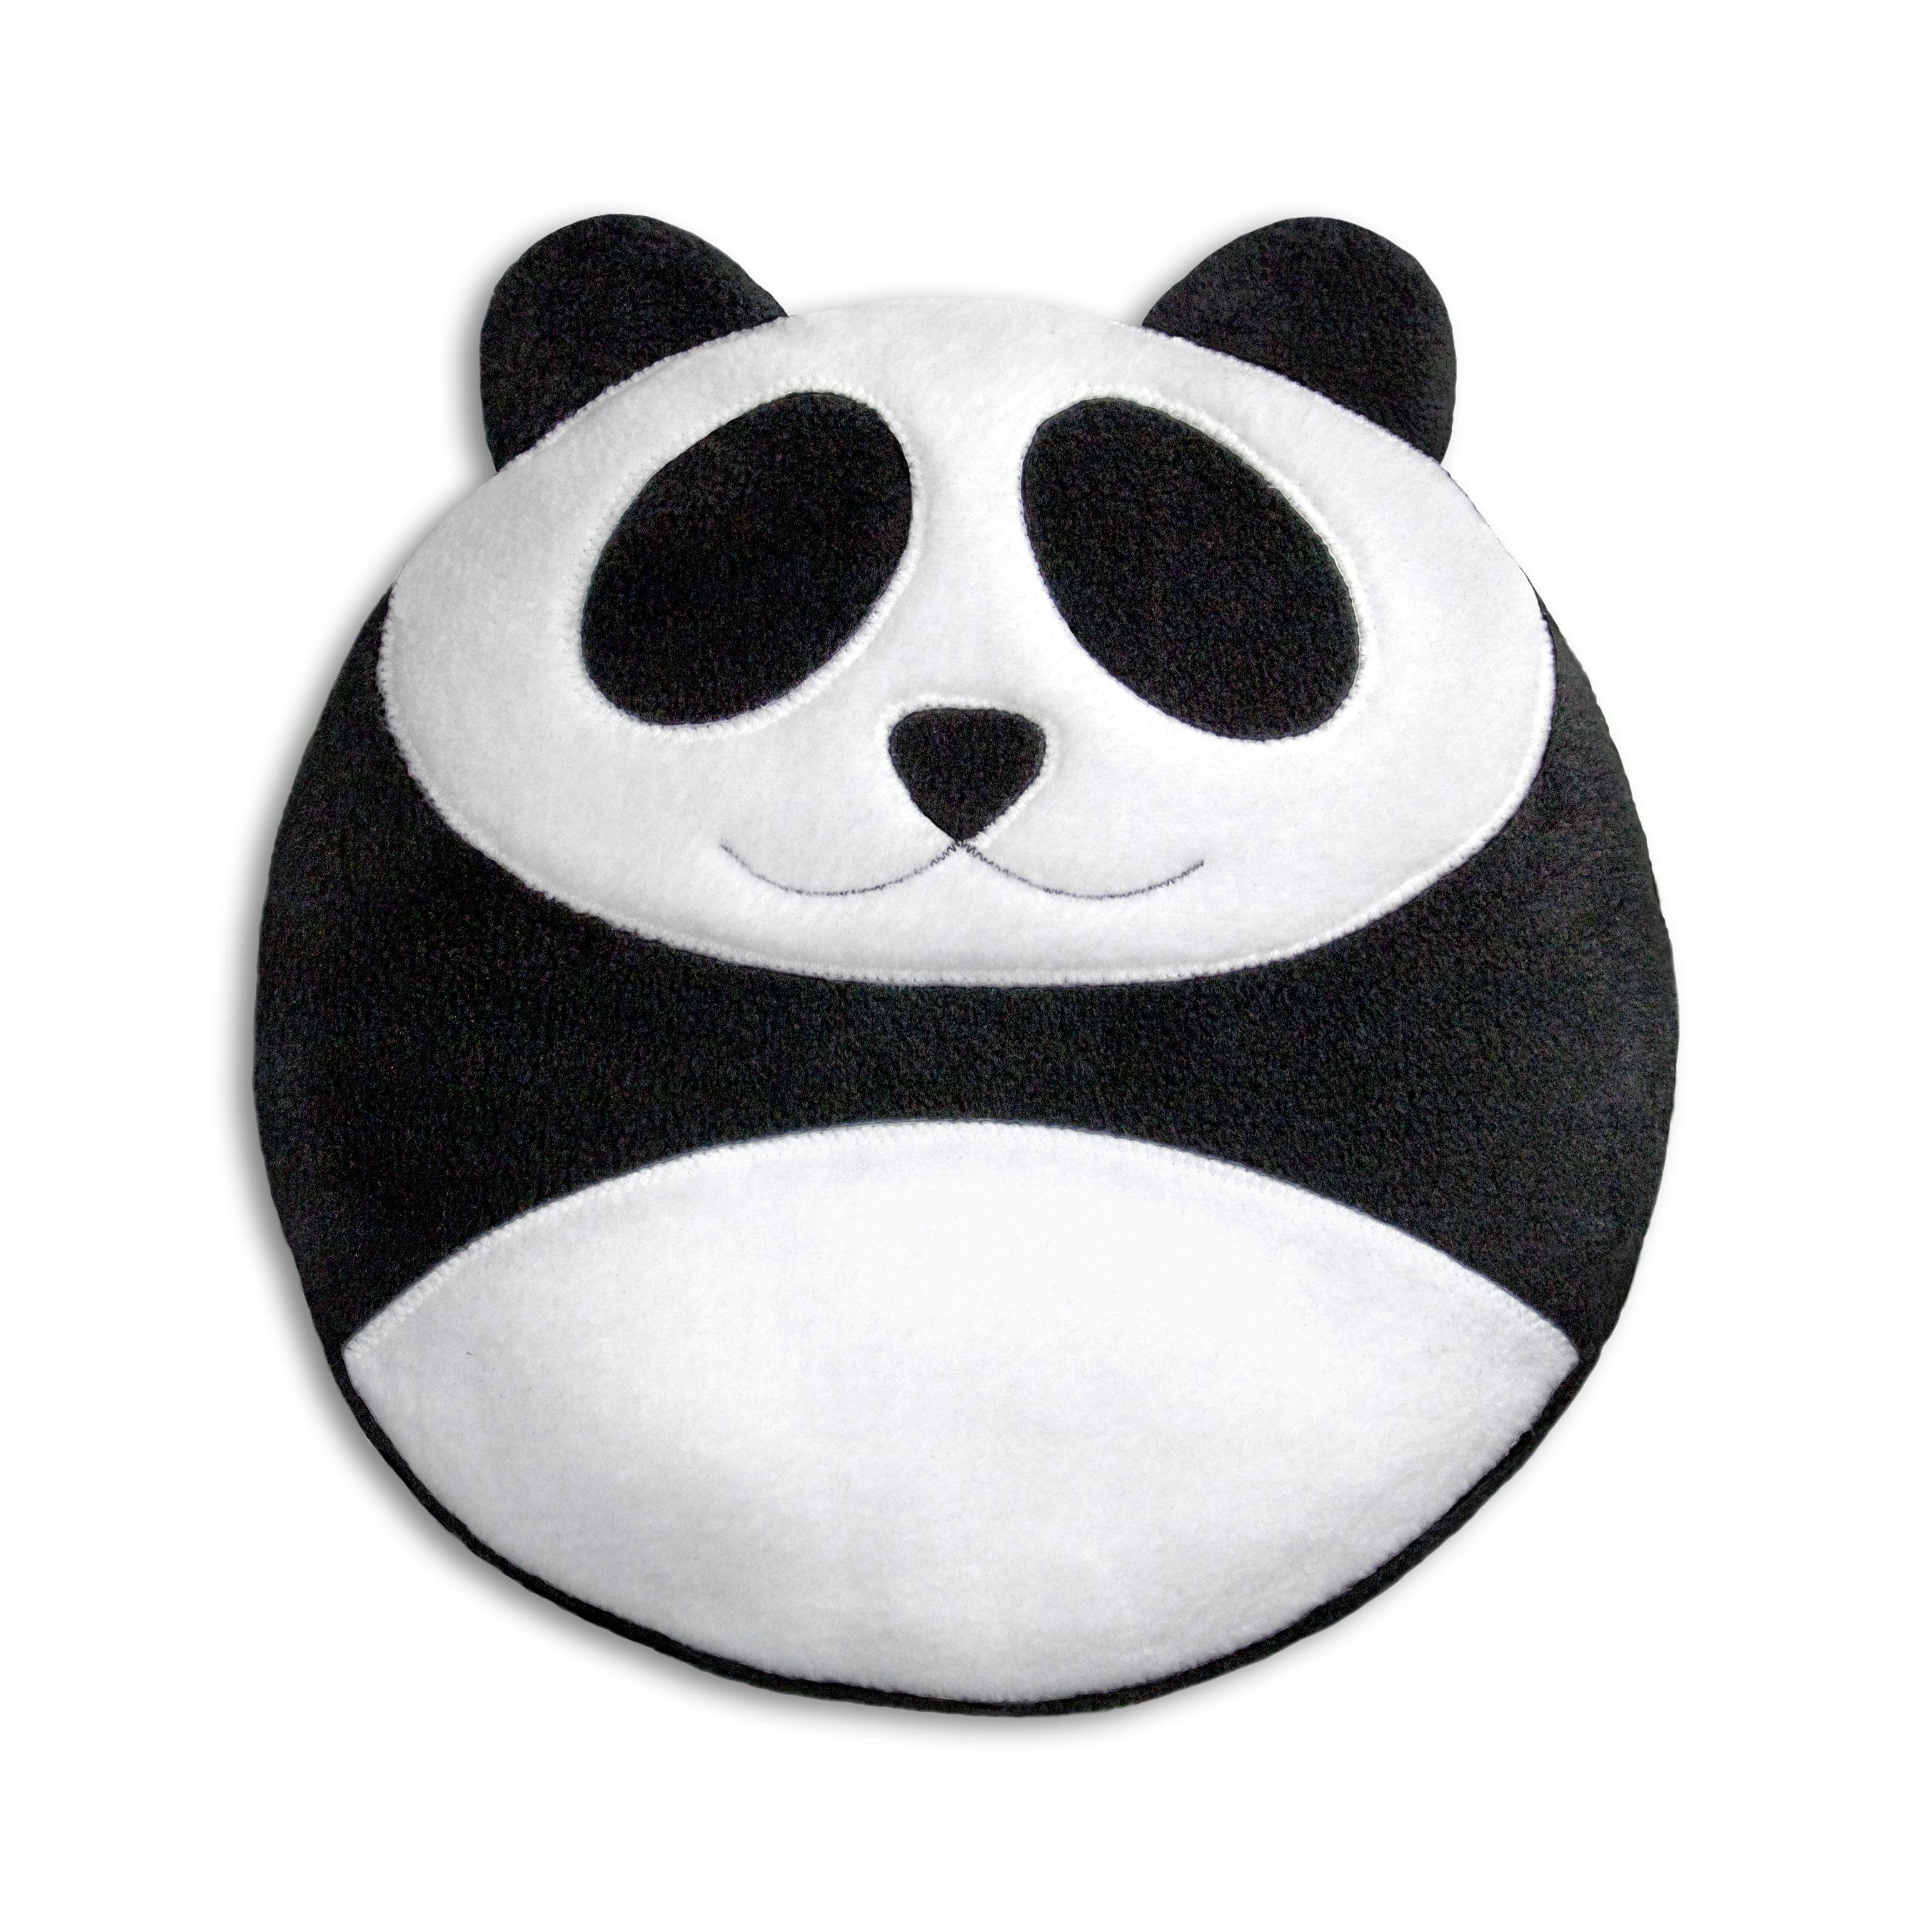 Déco - Pour les enfants - Bouillotte micro-ondes Bao le panda / Blé biologique - Pa Design - Panda - Blé biologique, Laine polaire